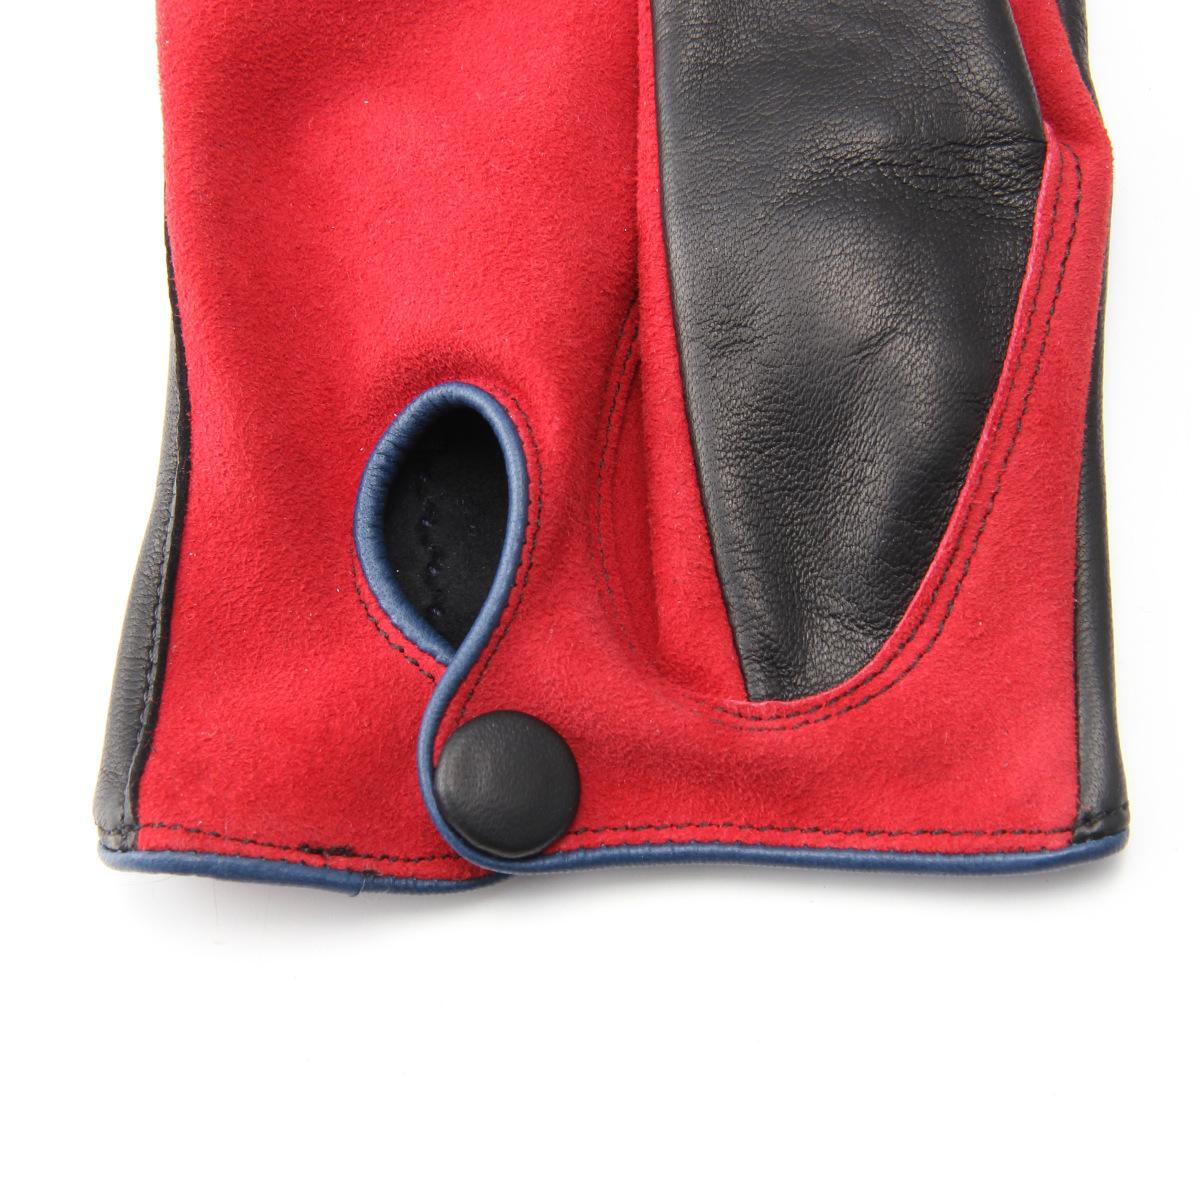 半指 本革 ドライビンググローブ メンズ 羊革 スエード アルタクラッセ カプリガンティ ブラック×レッド 保存袋付 箱入